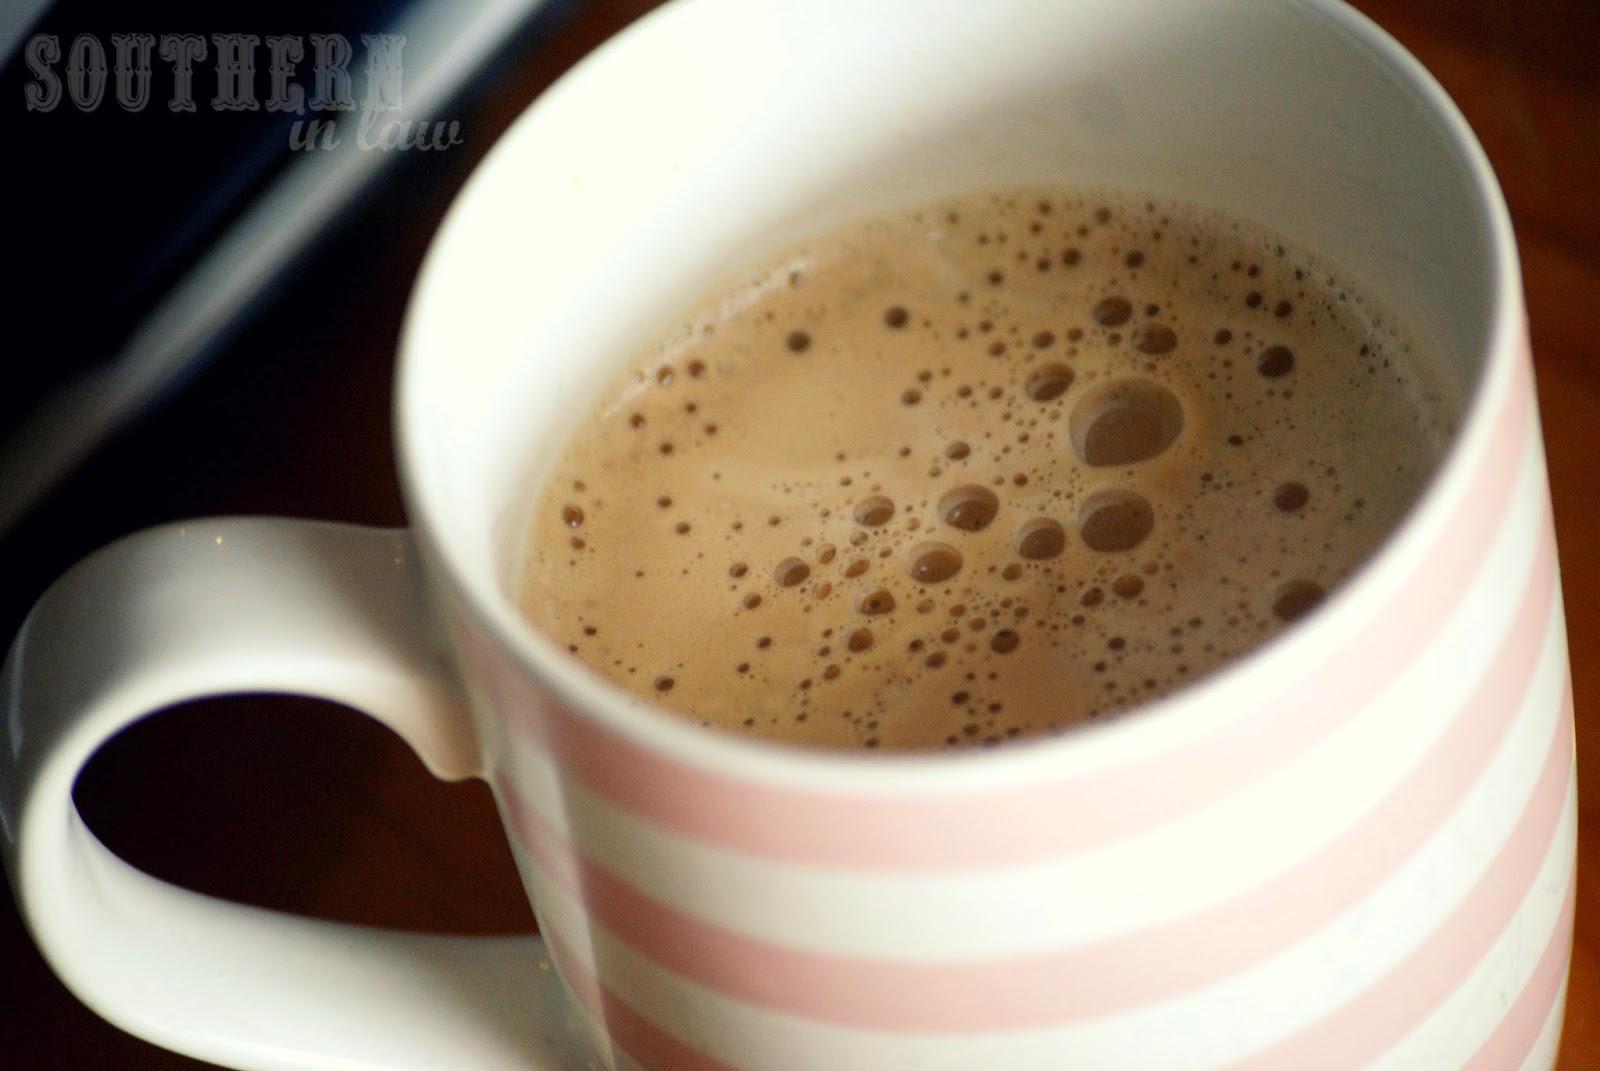 Hot cafe au lait